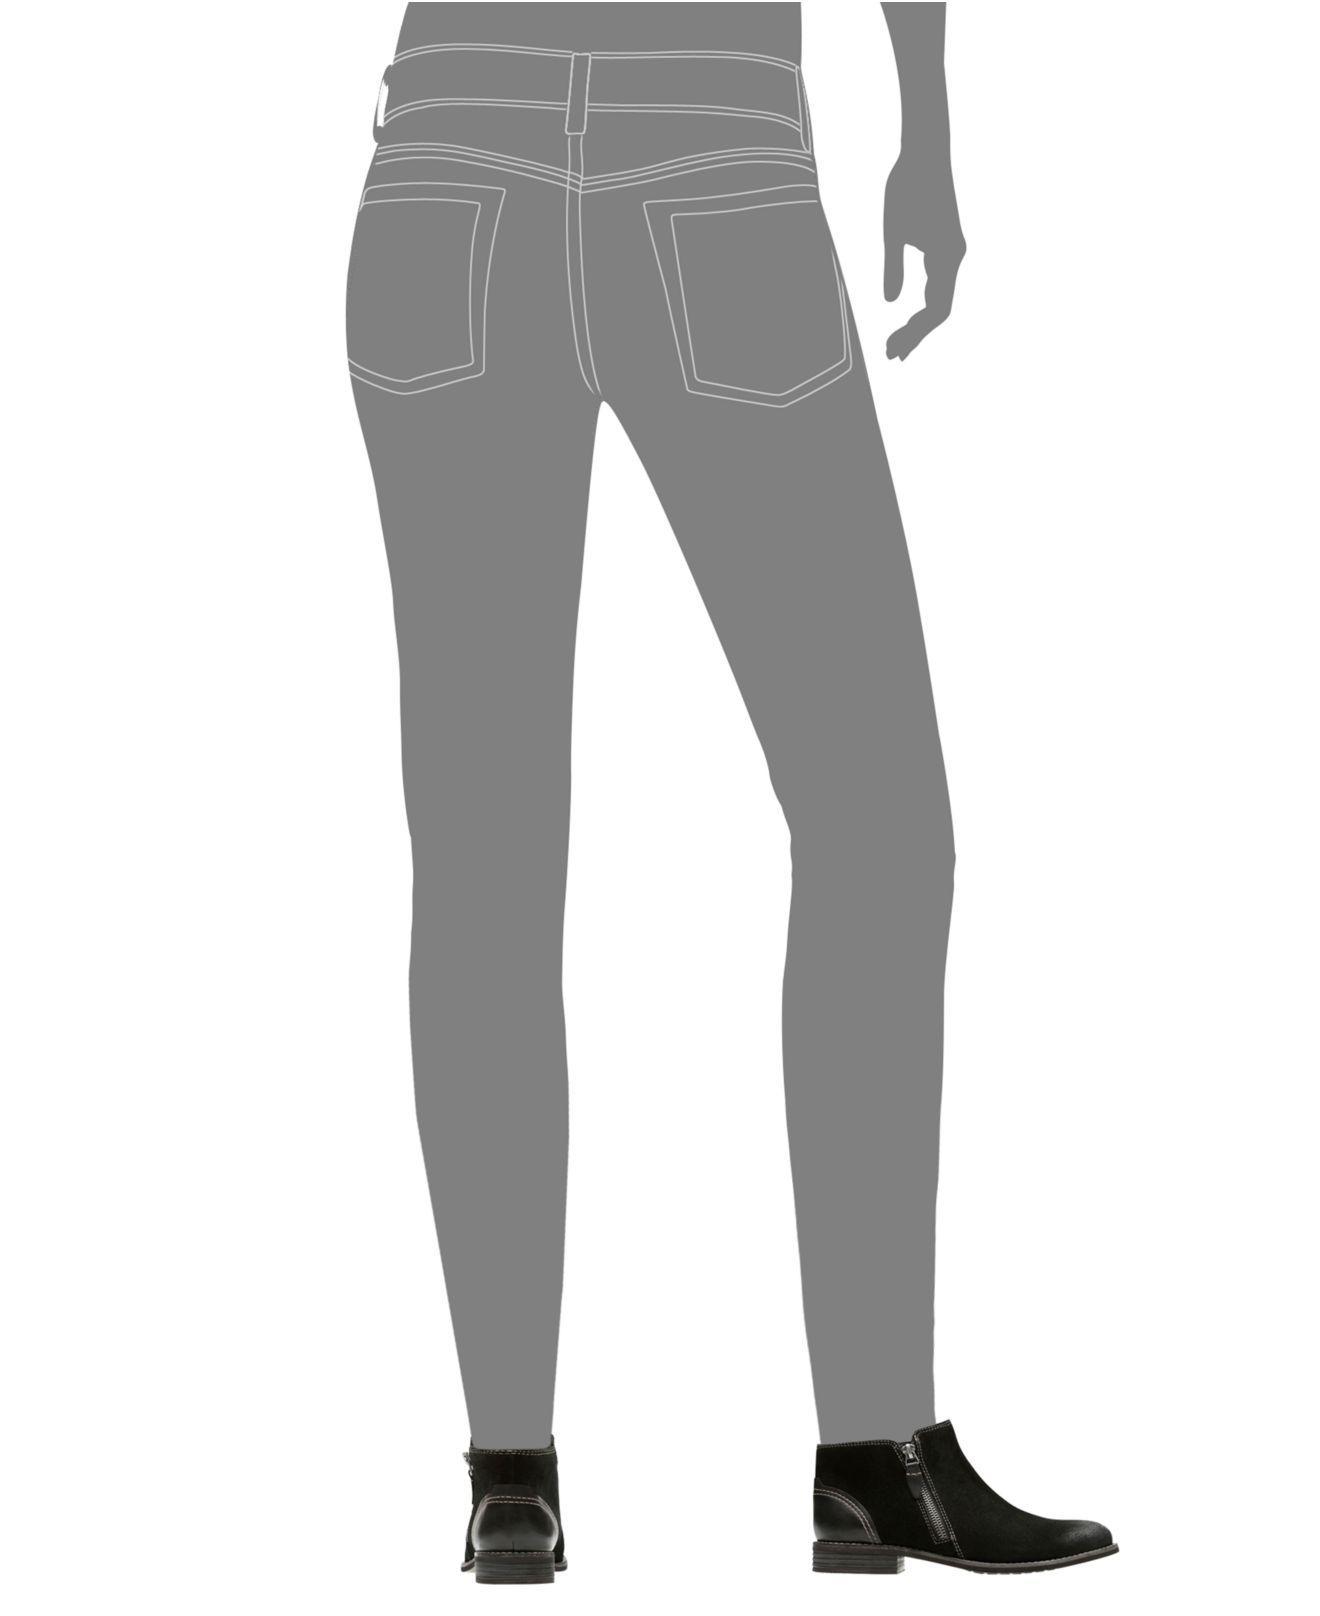 76f960f3b3c8 Lyst - Clarks Women s Maypearl Juno Ankle Booties in Black